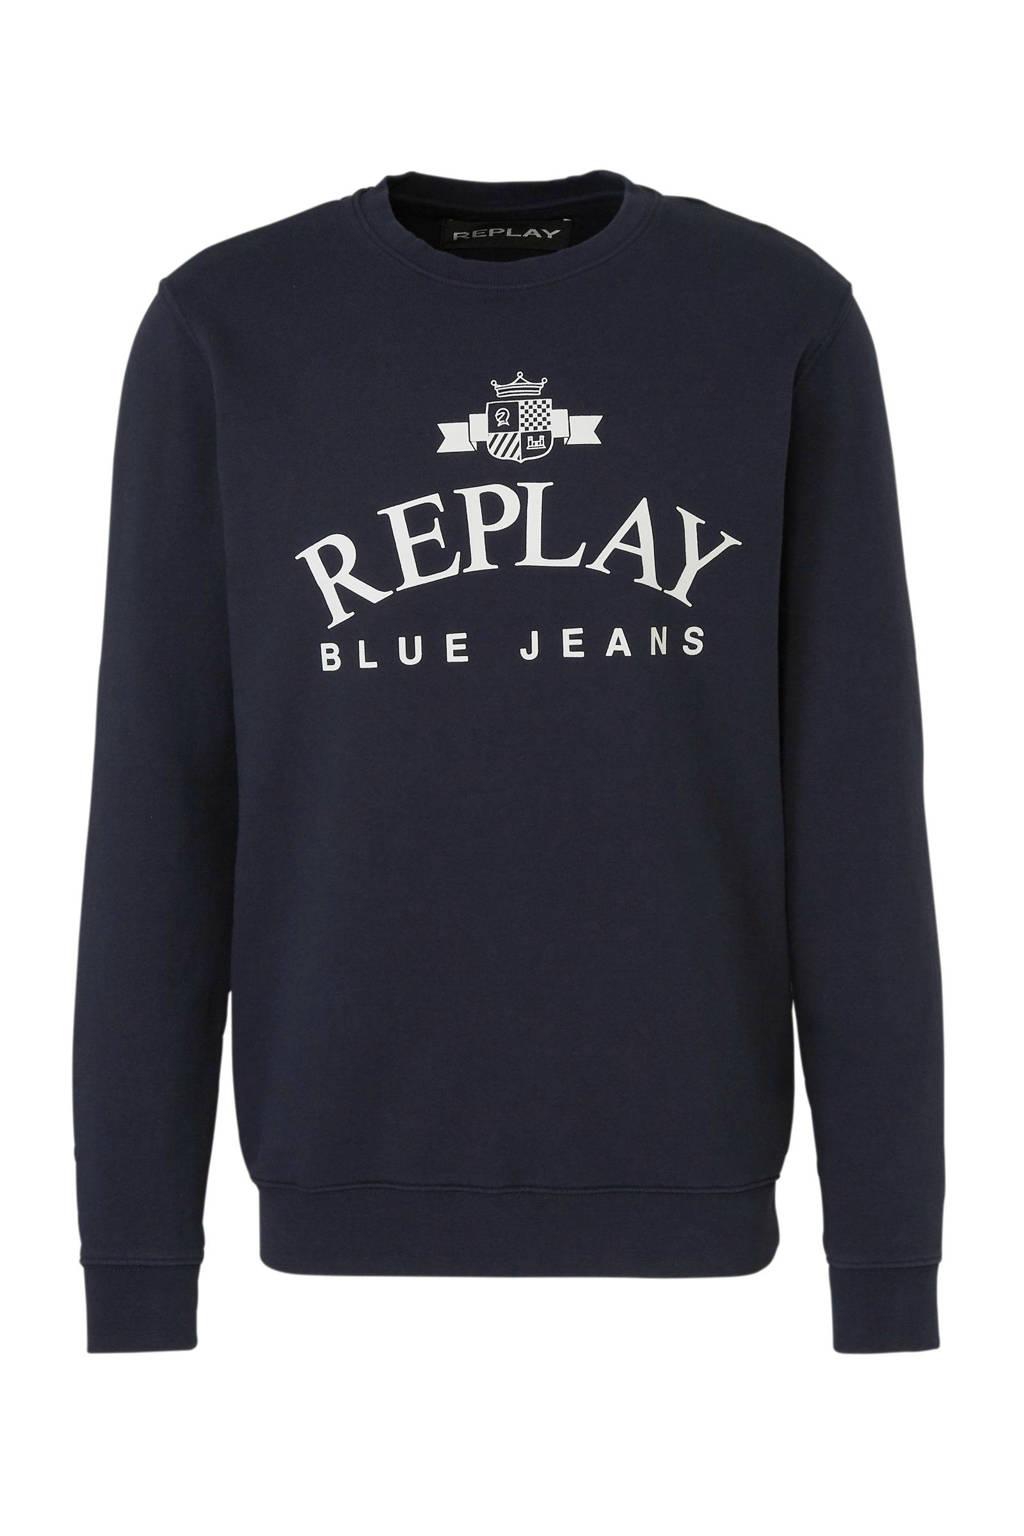 REPLAY sweater blauw, Donkerblauw